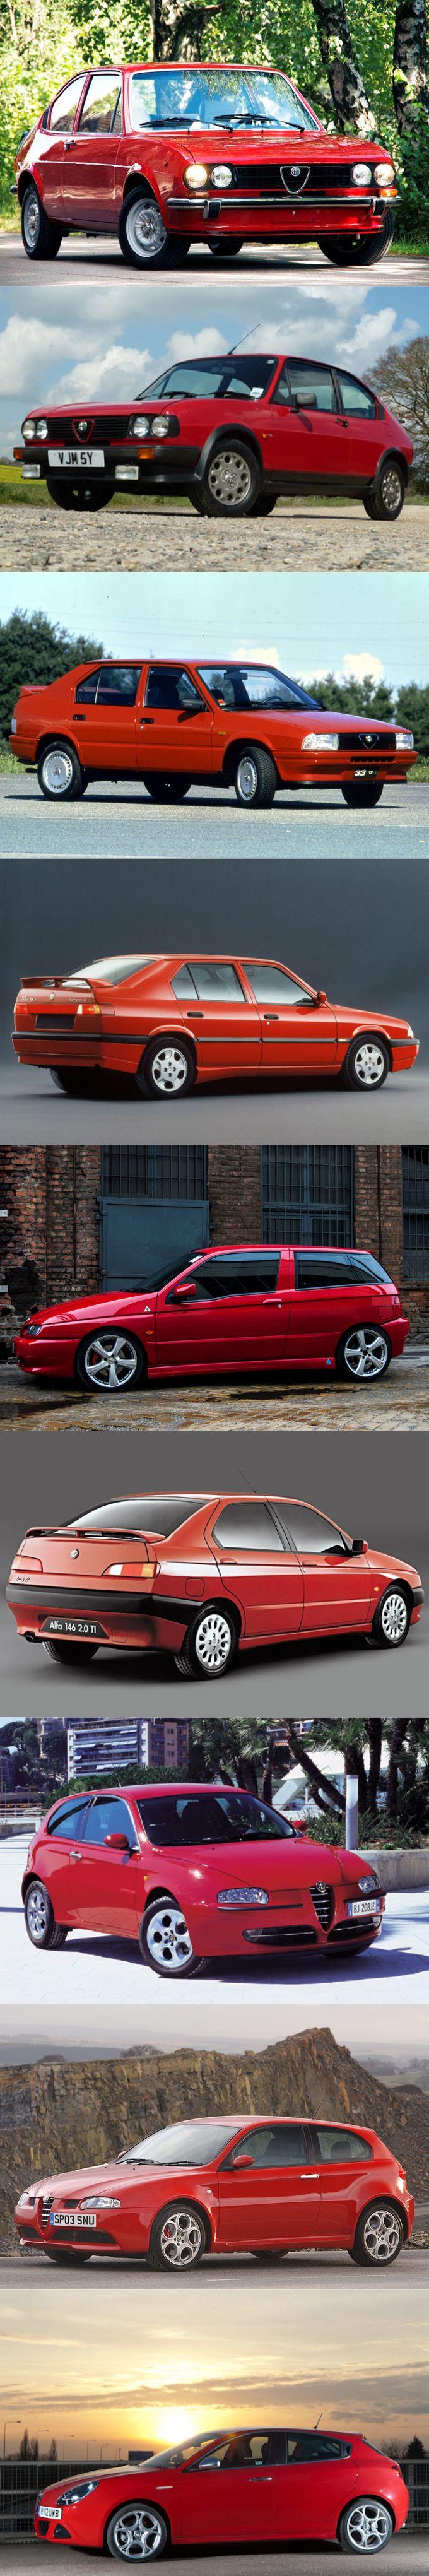 Alfa Romeo compact car / 1971 Alfasud / 1980 Alfasud facelift / 1983 33 / 1990 33 facelift / 1994 145 / 1995 146 / 2000 147 / 2004 147 facelift / 2010 Giulietta / Italy / red / GTA